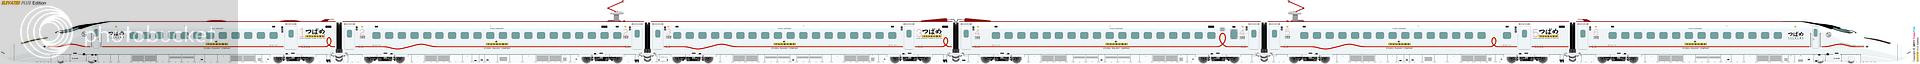 鐵路列車 2281